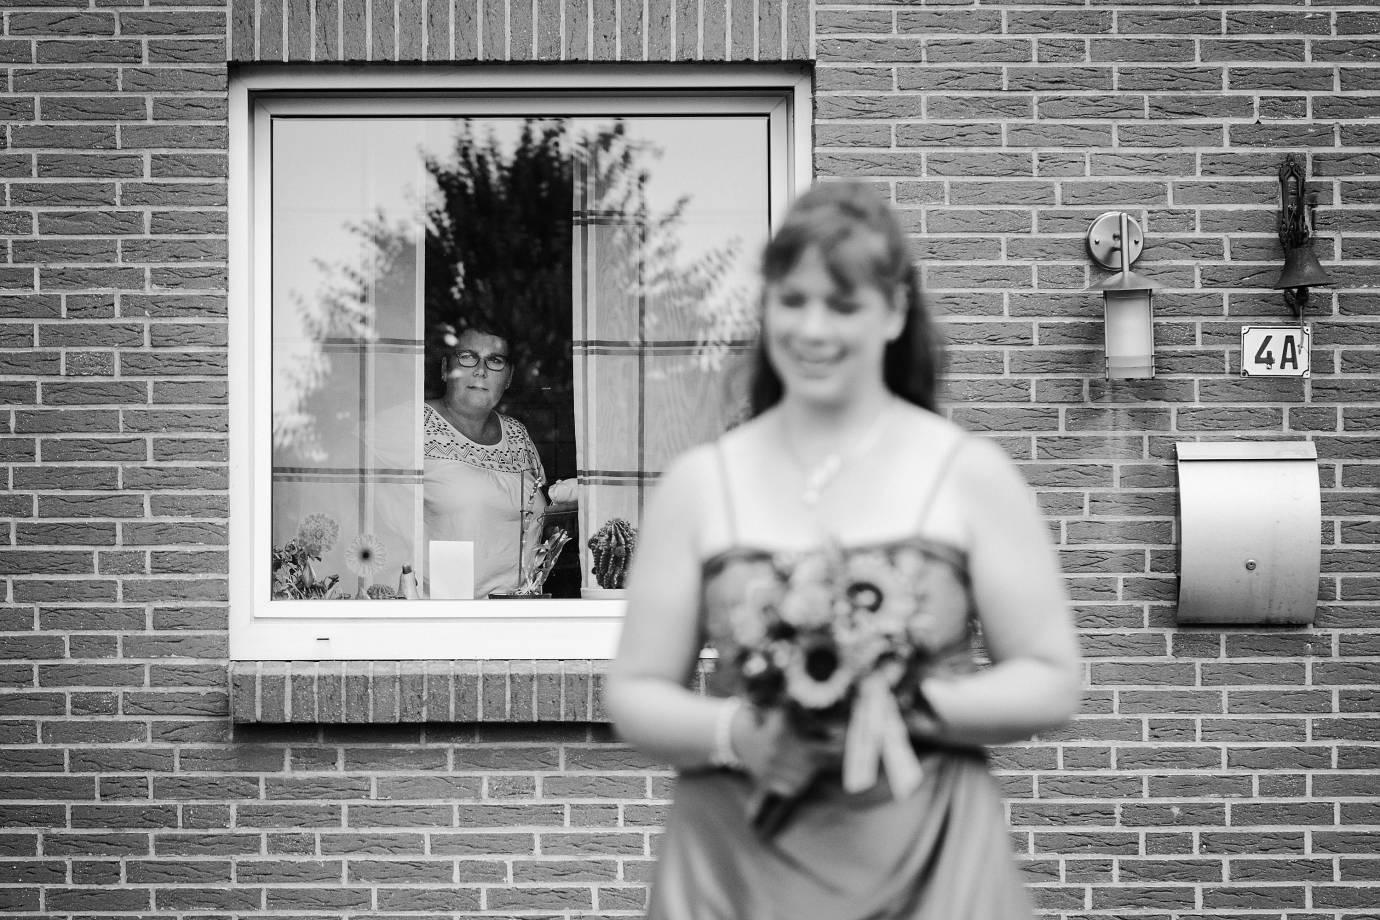 hochzeitsfotograf hambergen 028 - Iris+Sascha